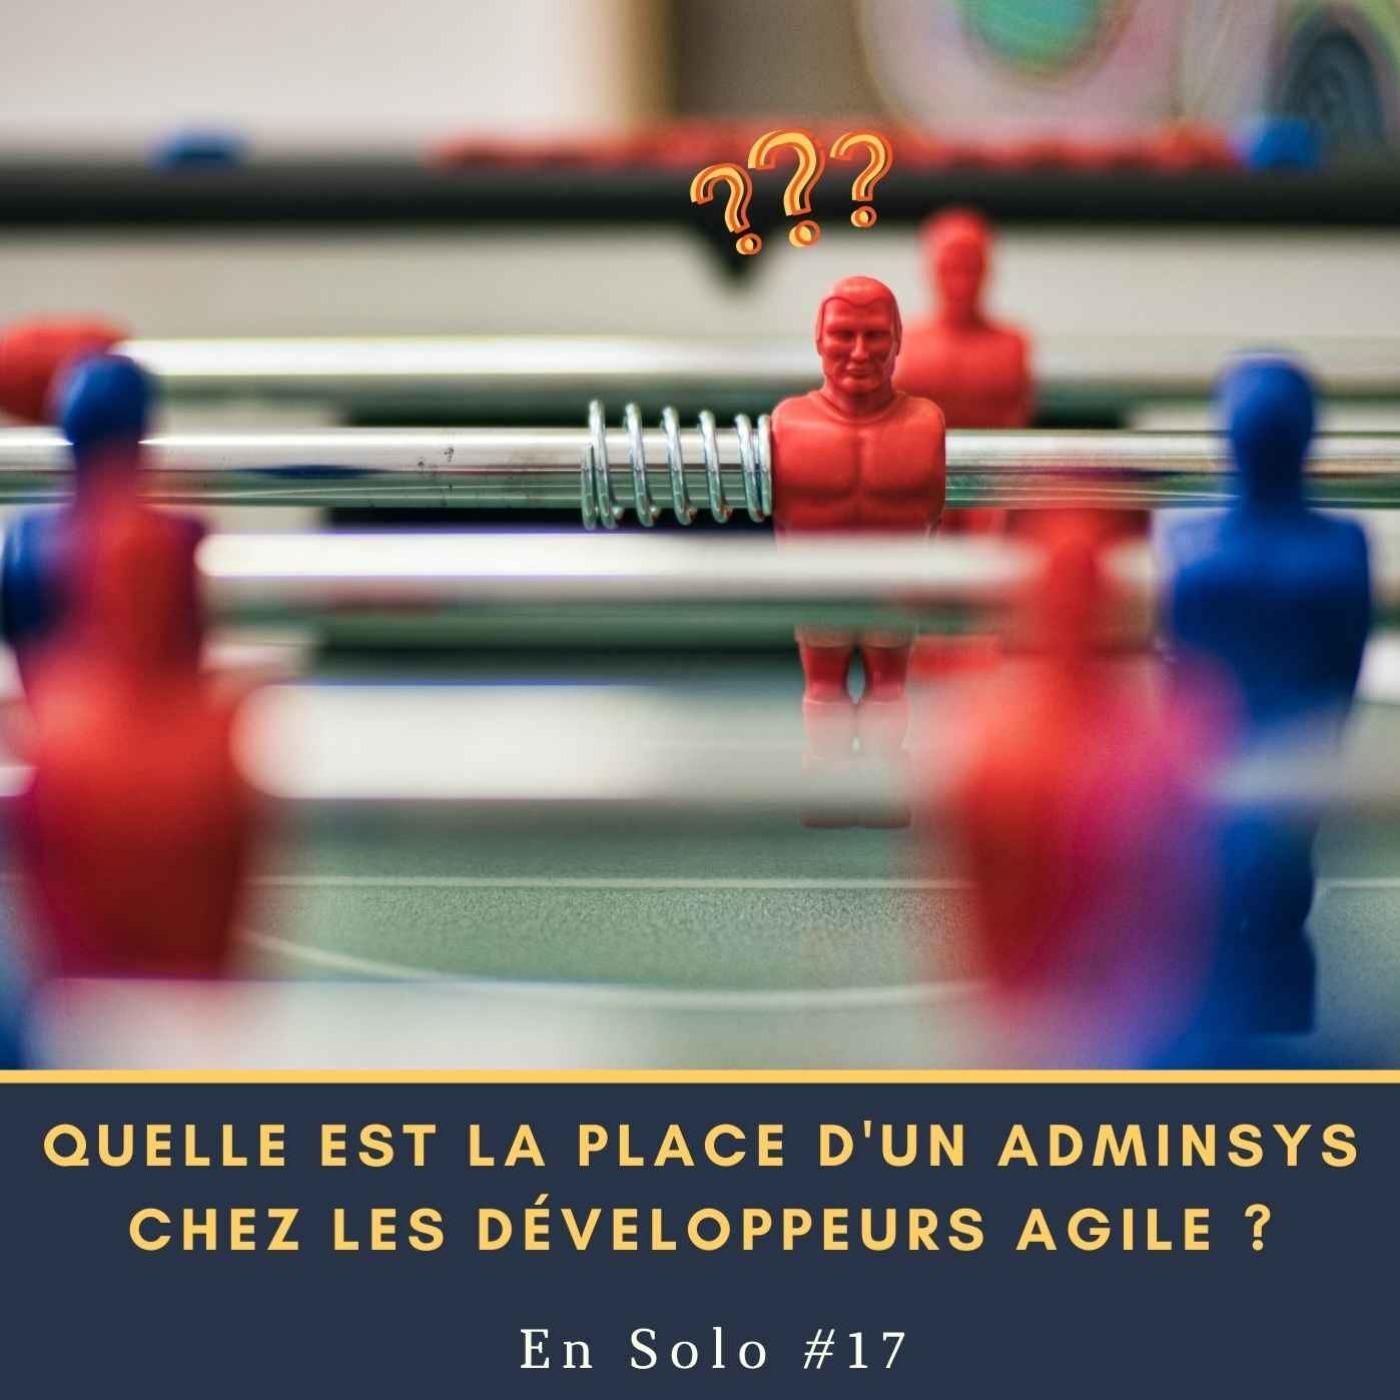 En Solo #17 - Quelle est la place d'un AdminSys chez les développeurs agile ?